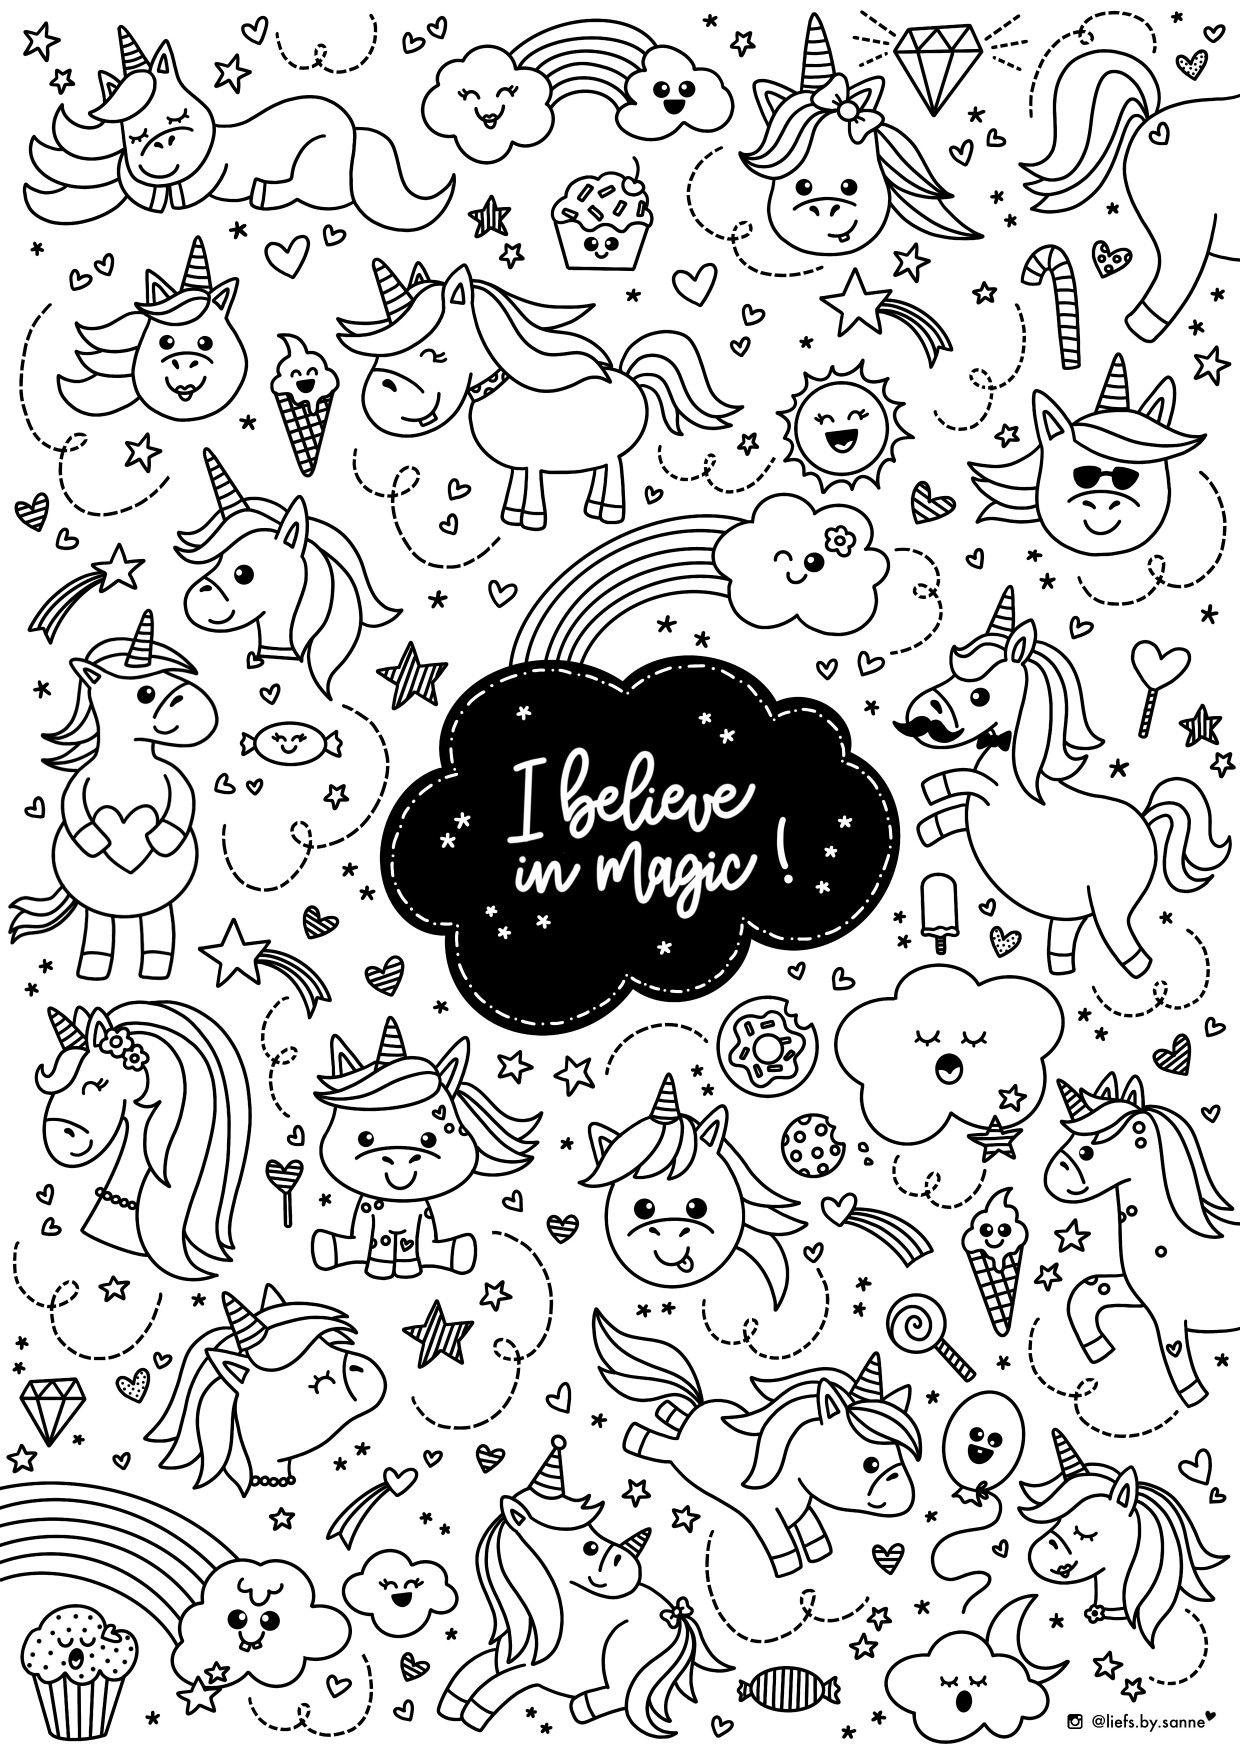 Unicorn Unicorn Eenhoorn Eenhoorns Kleurplaat Kleuren Coloring Page Kleurplaten Disney Kleurplaten Kleuren